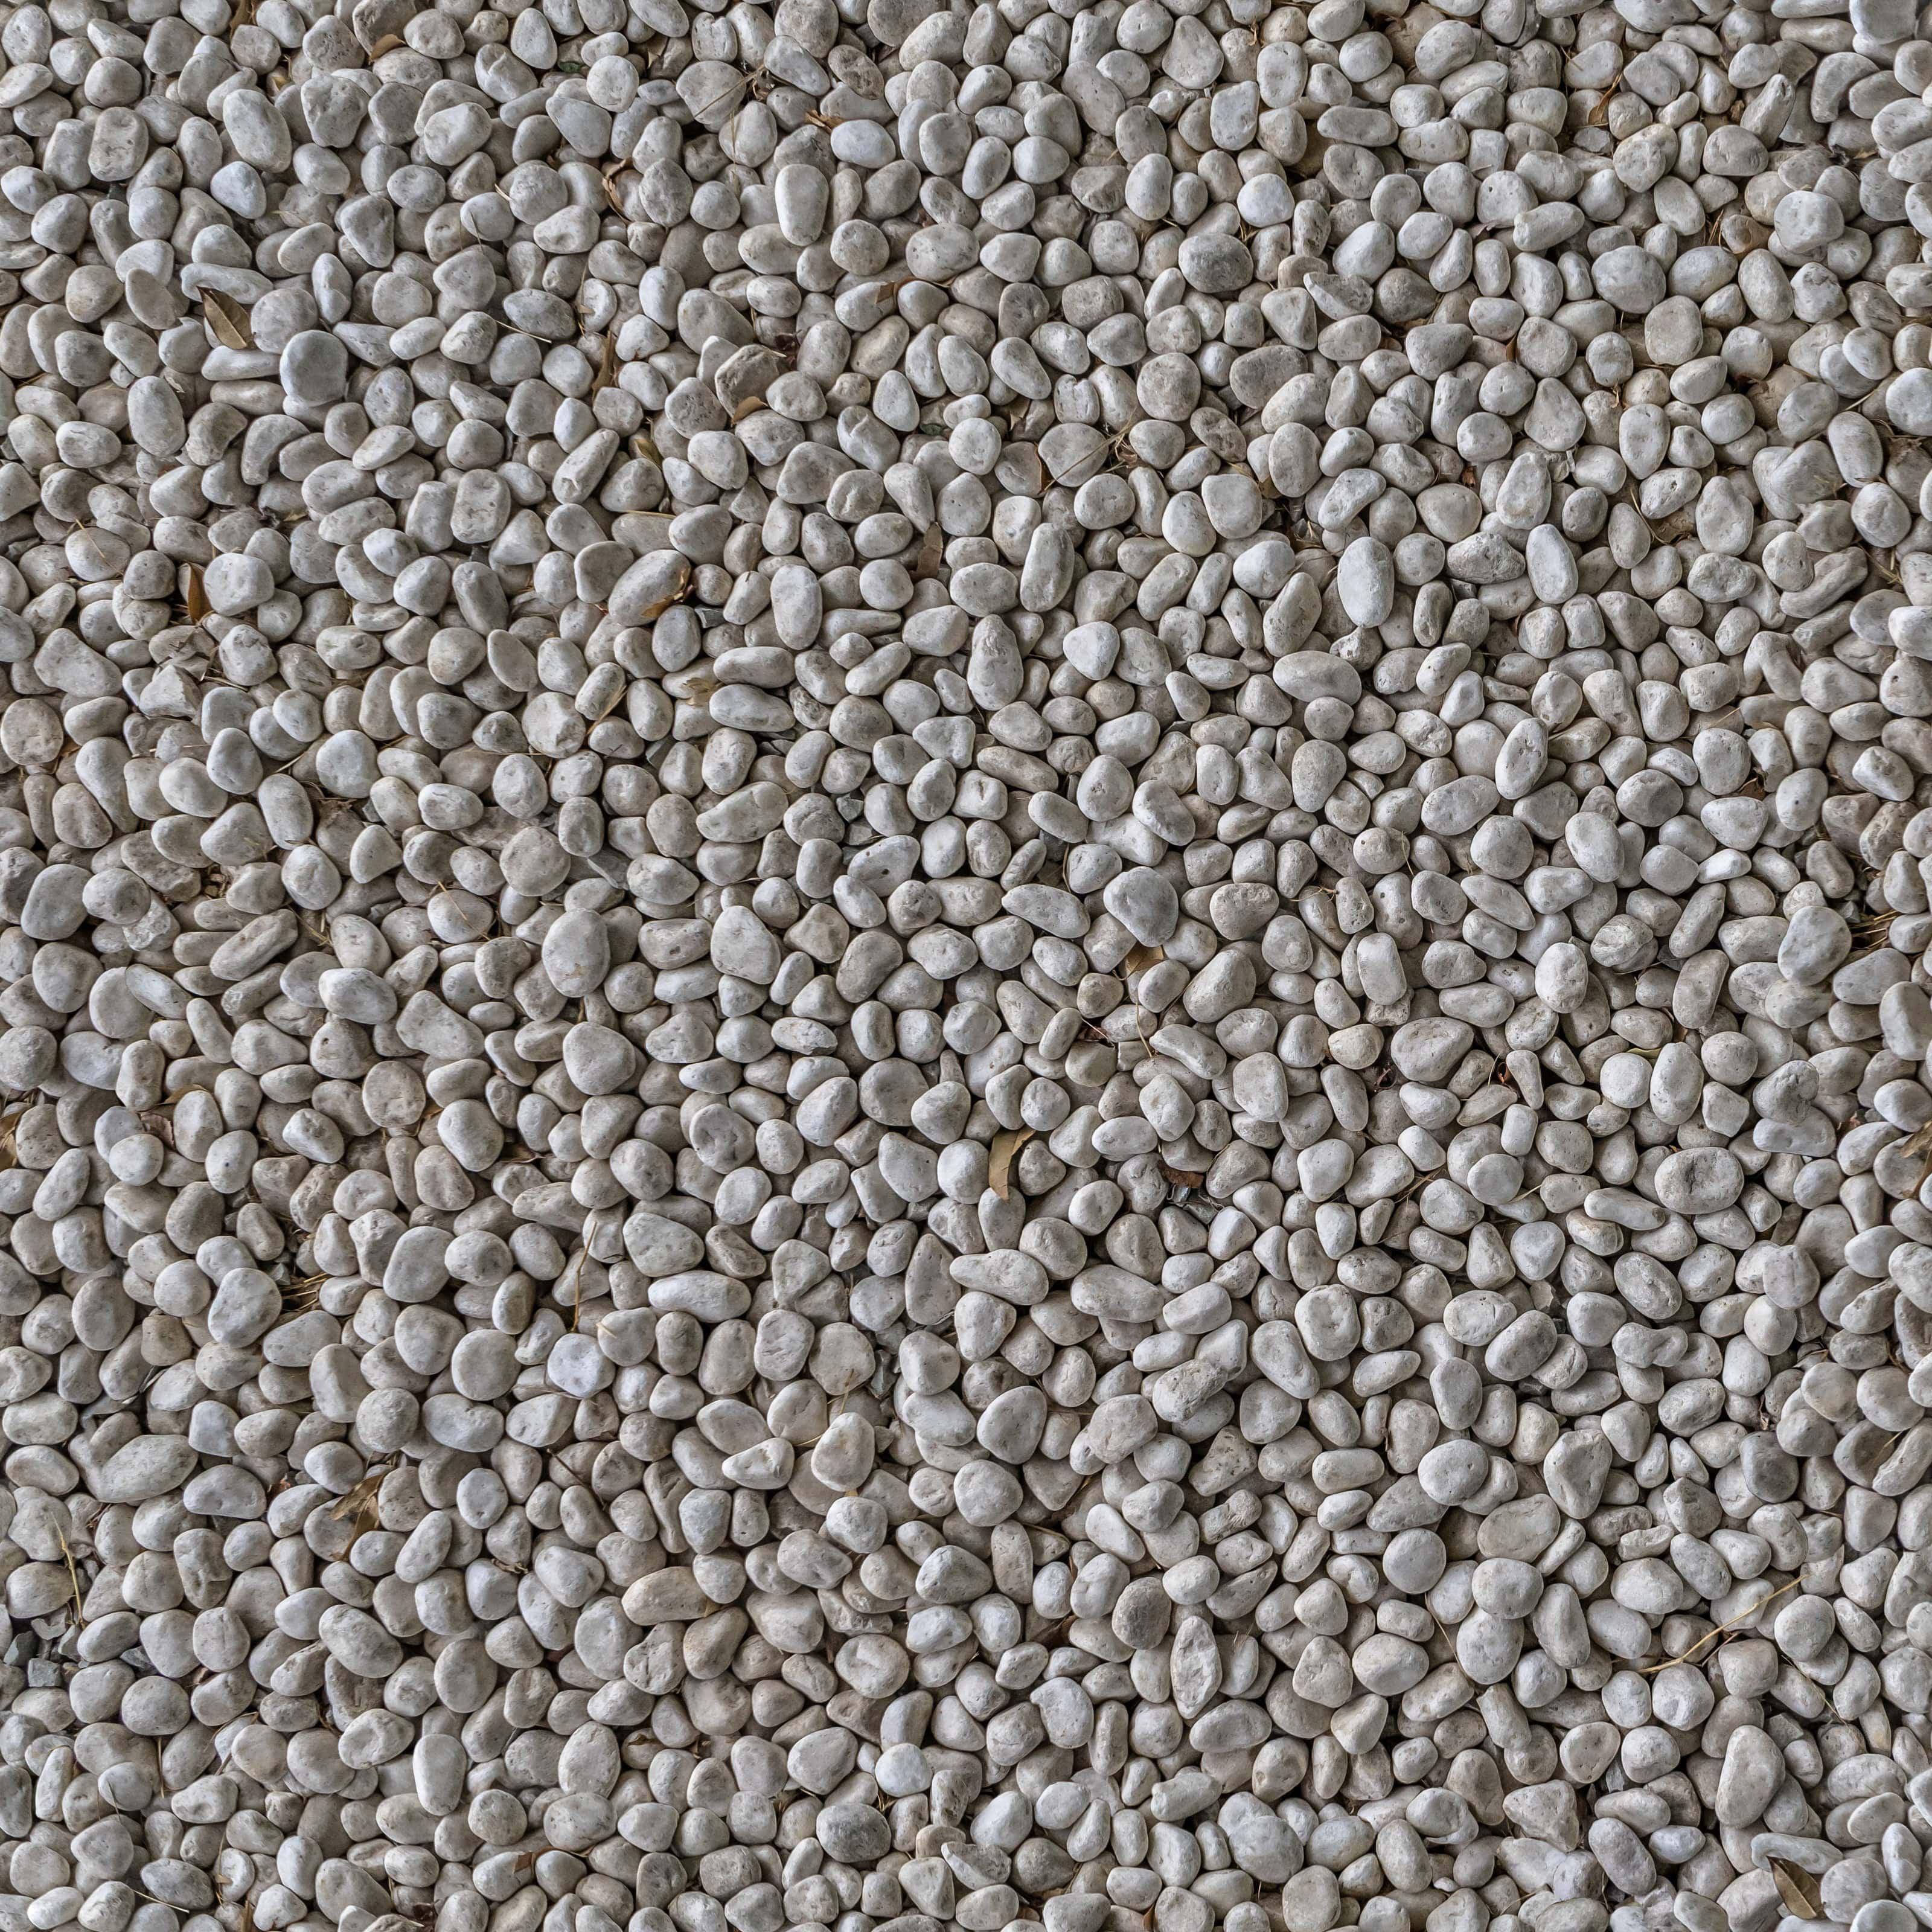 Tilingtextures 187 Blog Archive White Gravel Tiling Texture